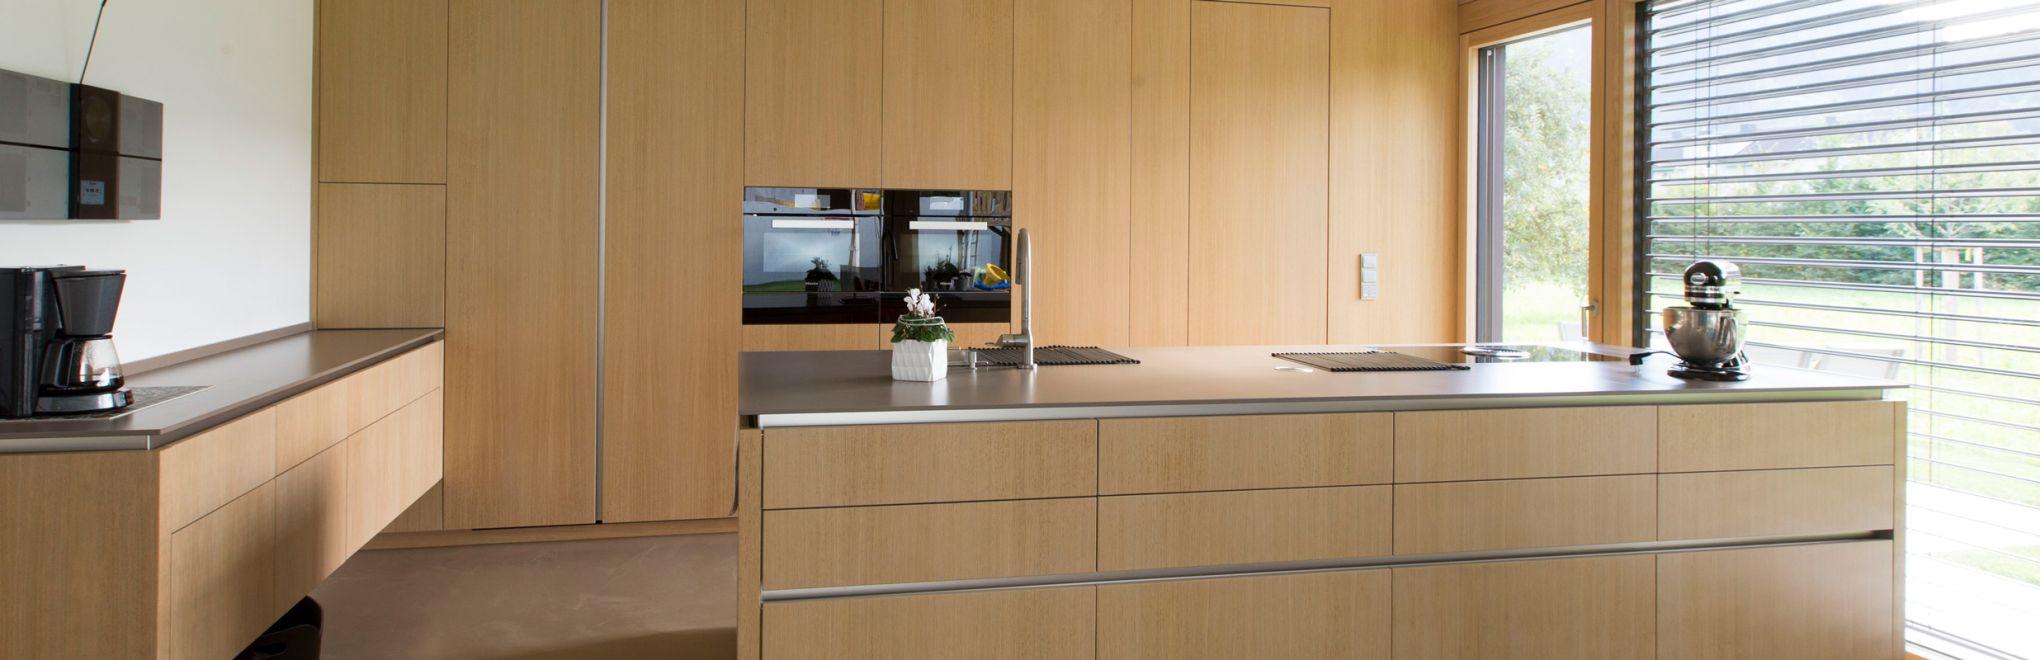 tischlerk chen tischlerei josef feuerstein vorarlberg. Black Bedroom Furniture Sets. Home Design Ideas